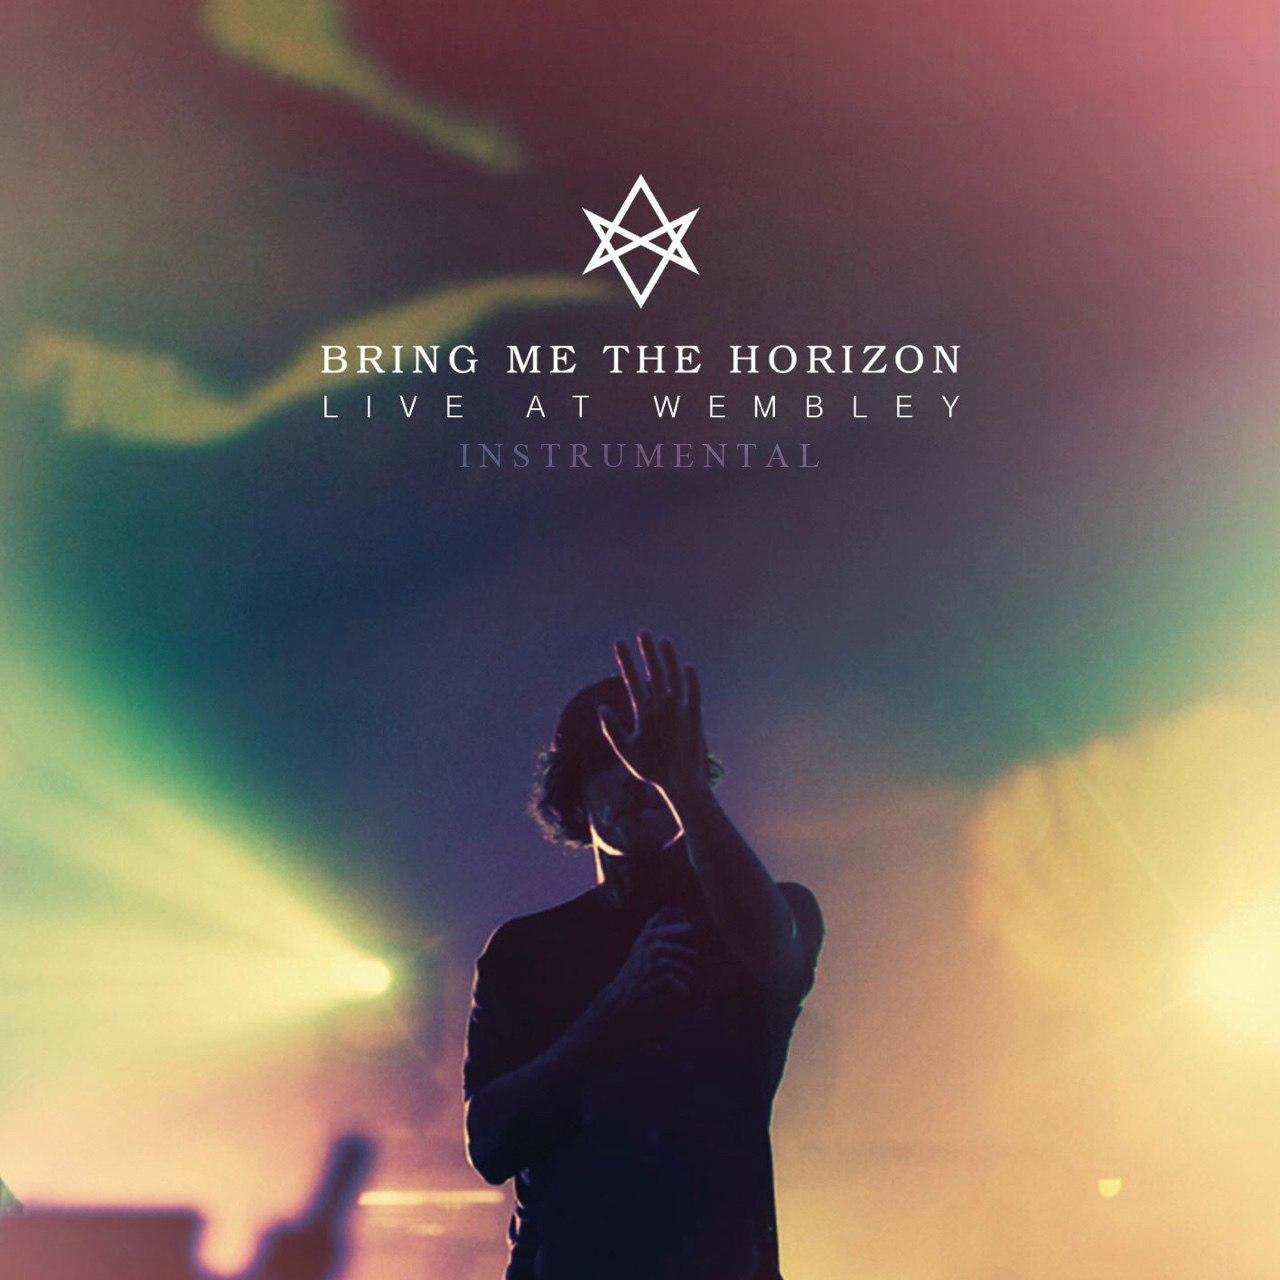 Bring Me The Horizon - Live at Wembley (Instrumental) (2015)